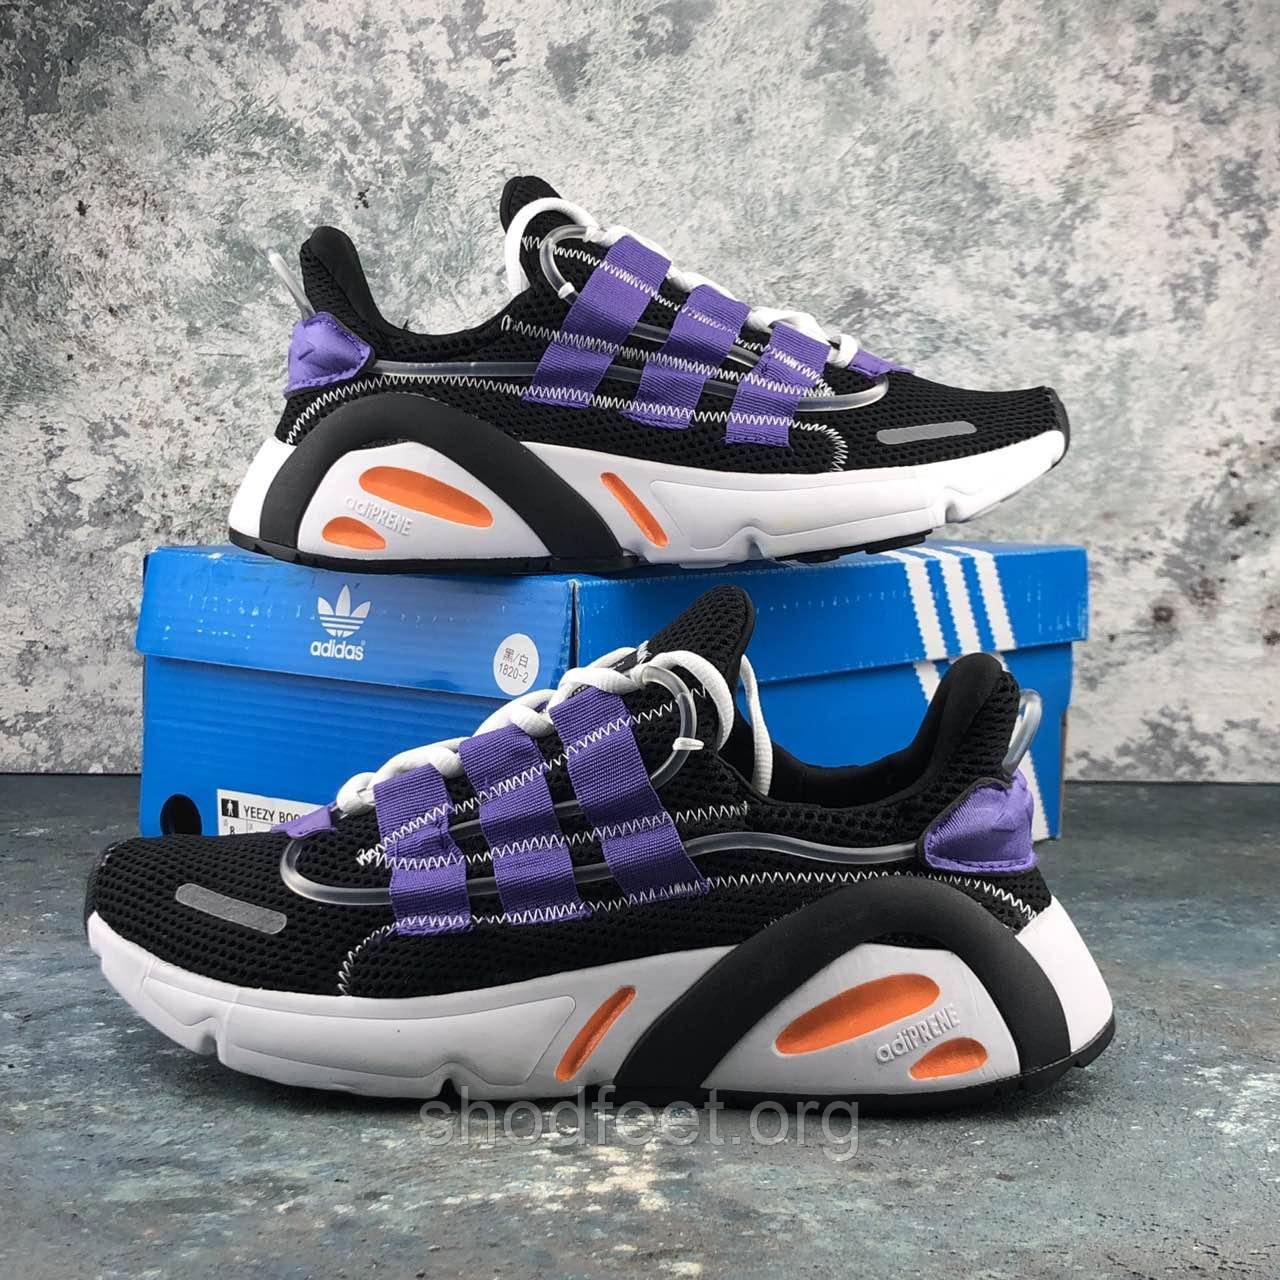 Мужские кроссовки Adidas Lexicon Future White Purple